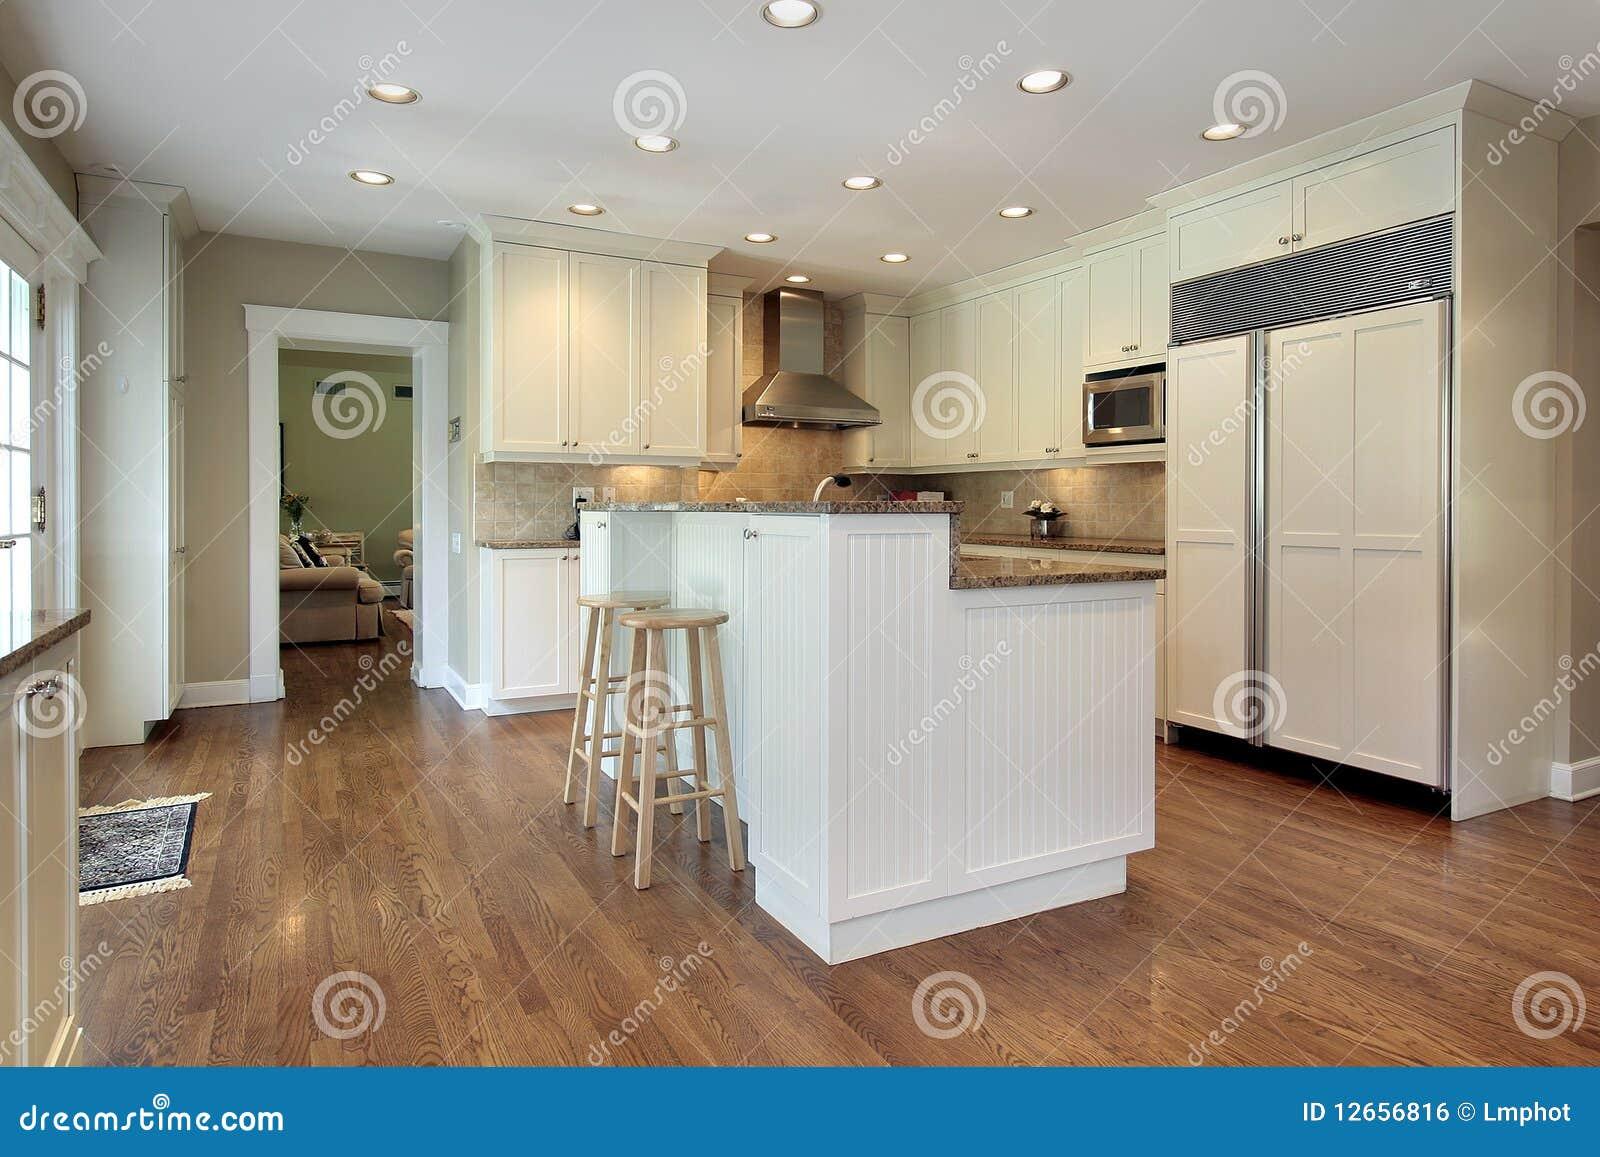 Keuken met eiland op twee niveaus stock foto afbeelding 12656816 - Keuken met teller ...